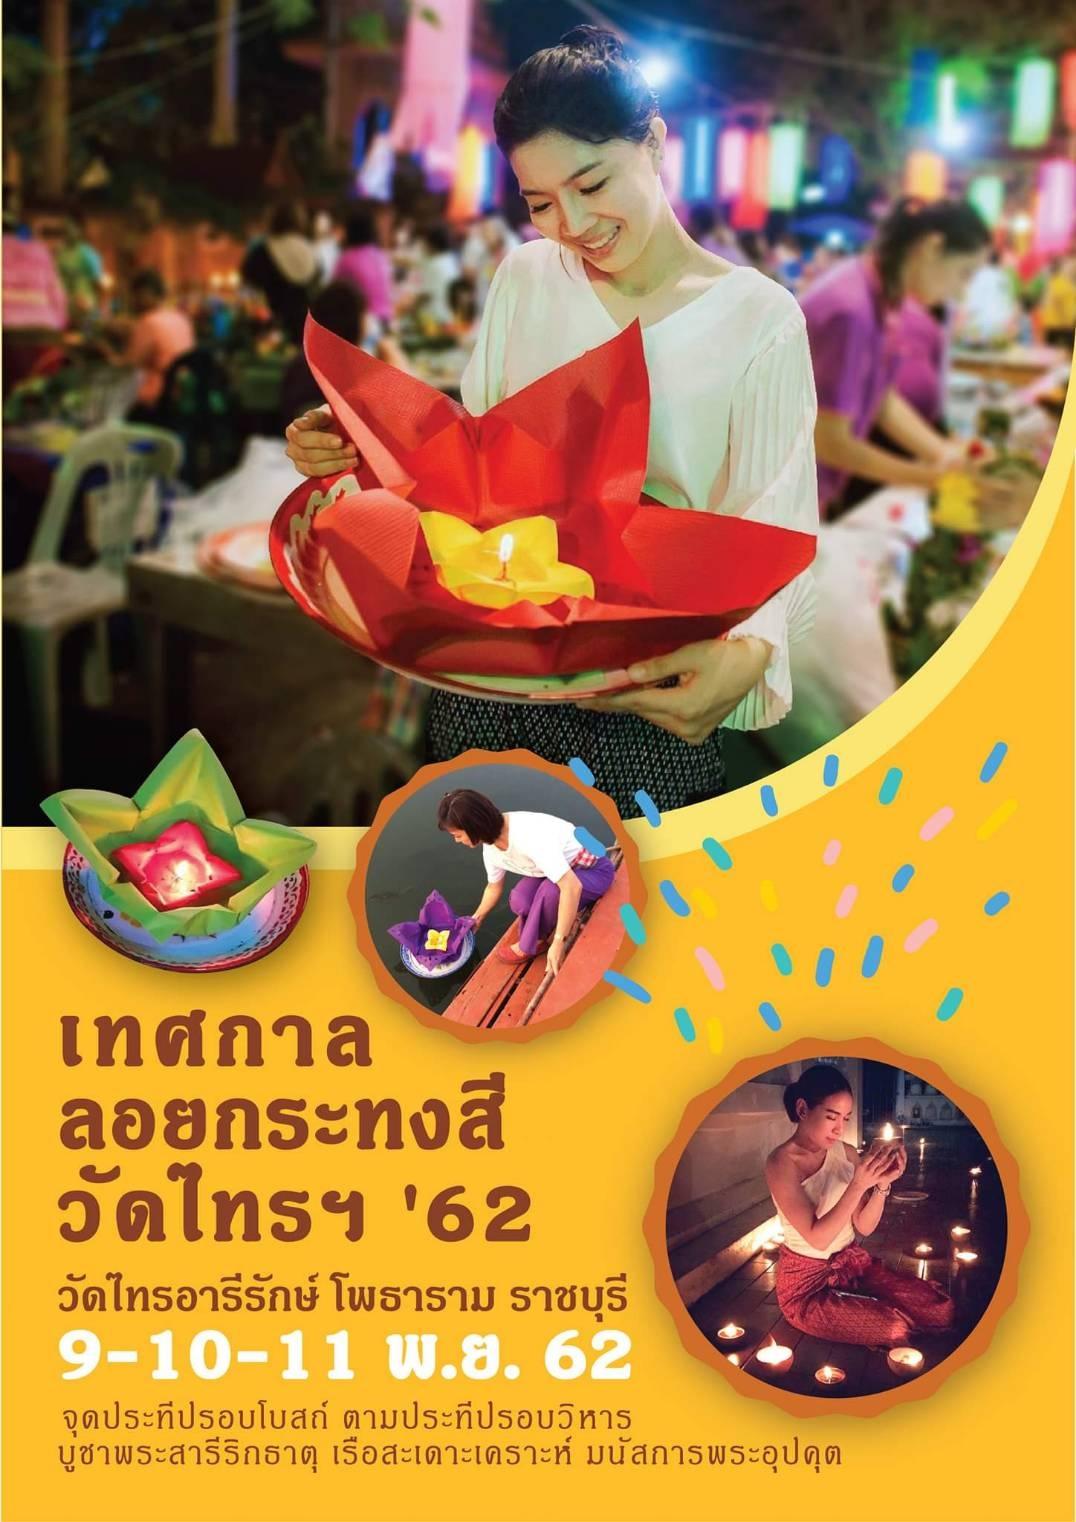 เทศกาลลอยกระทงสี 9-11 พฤศจิกายน 2562 จังหวัดราชบุรี